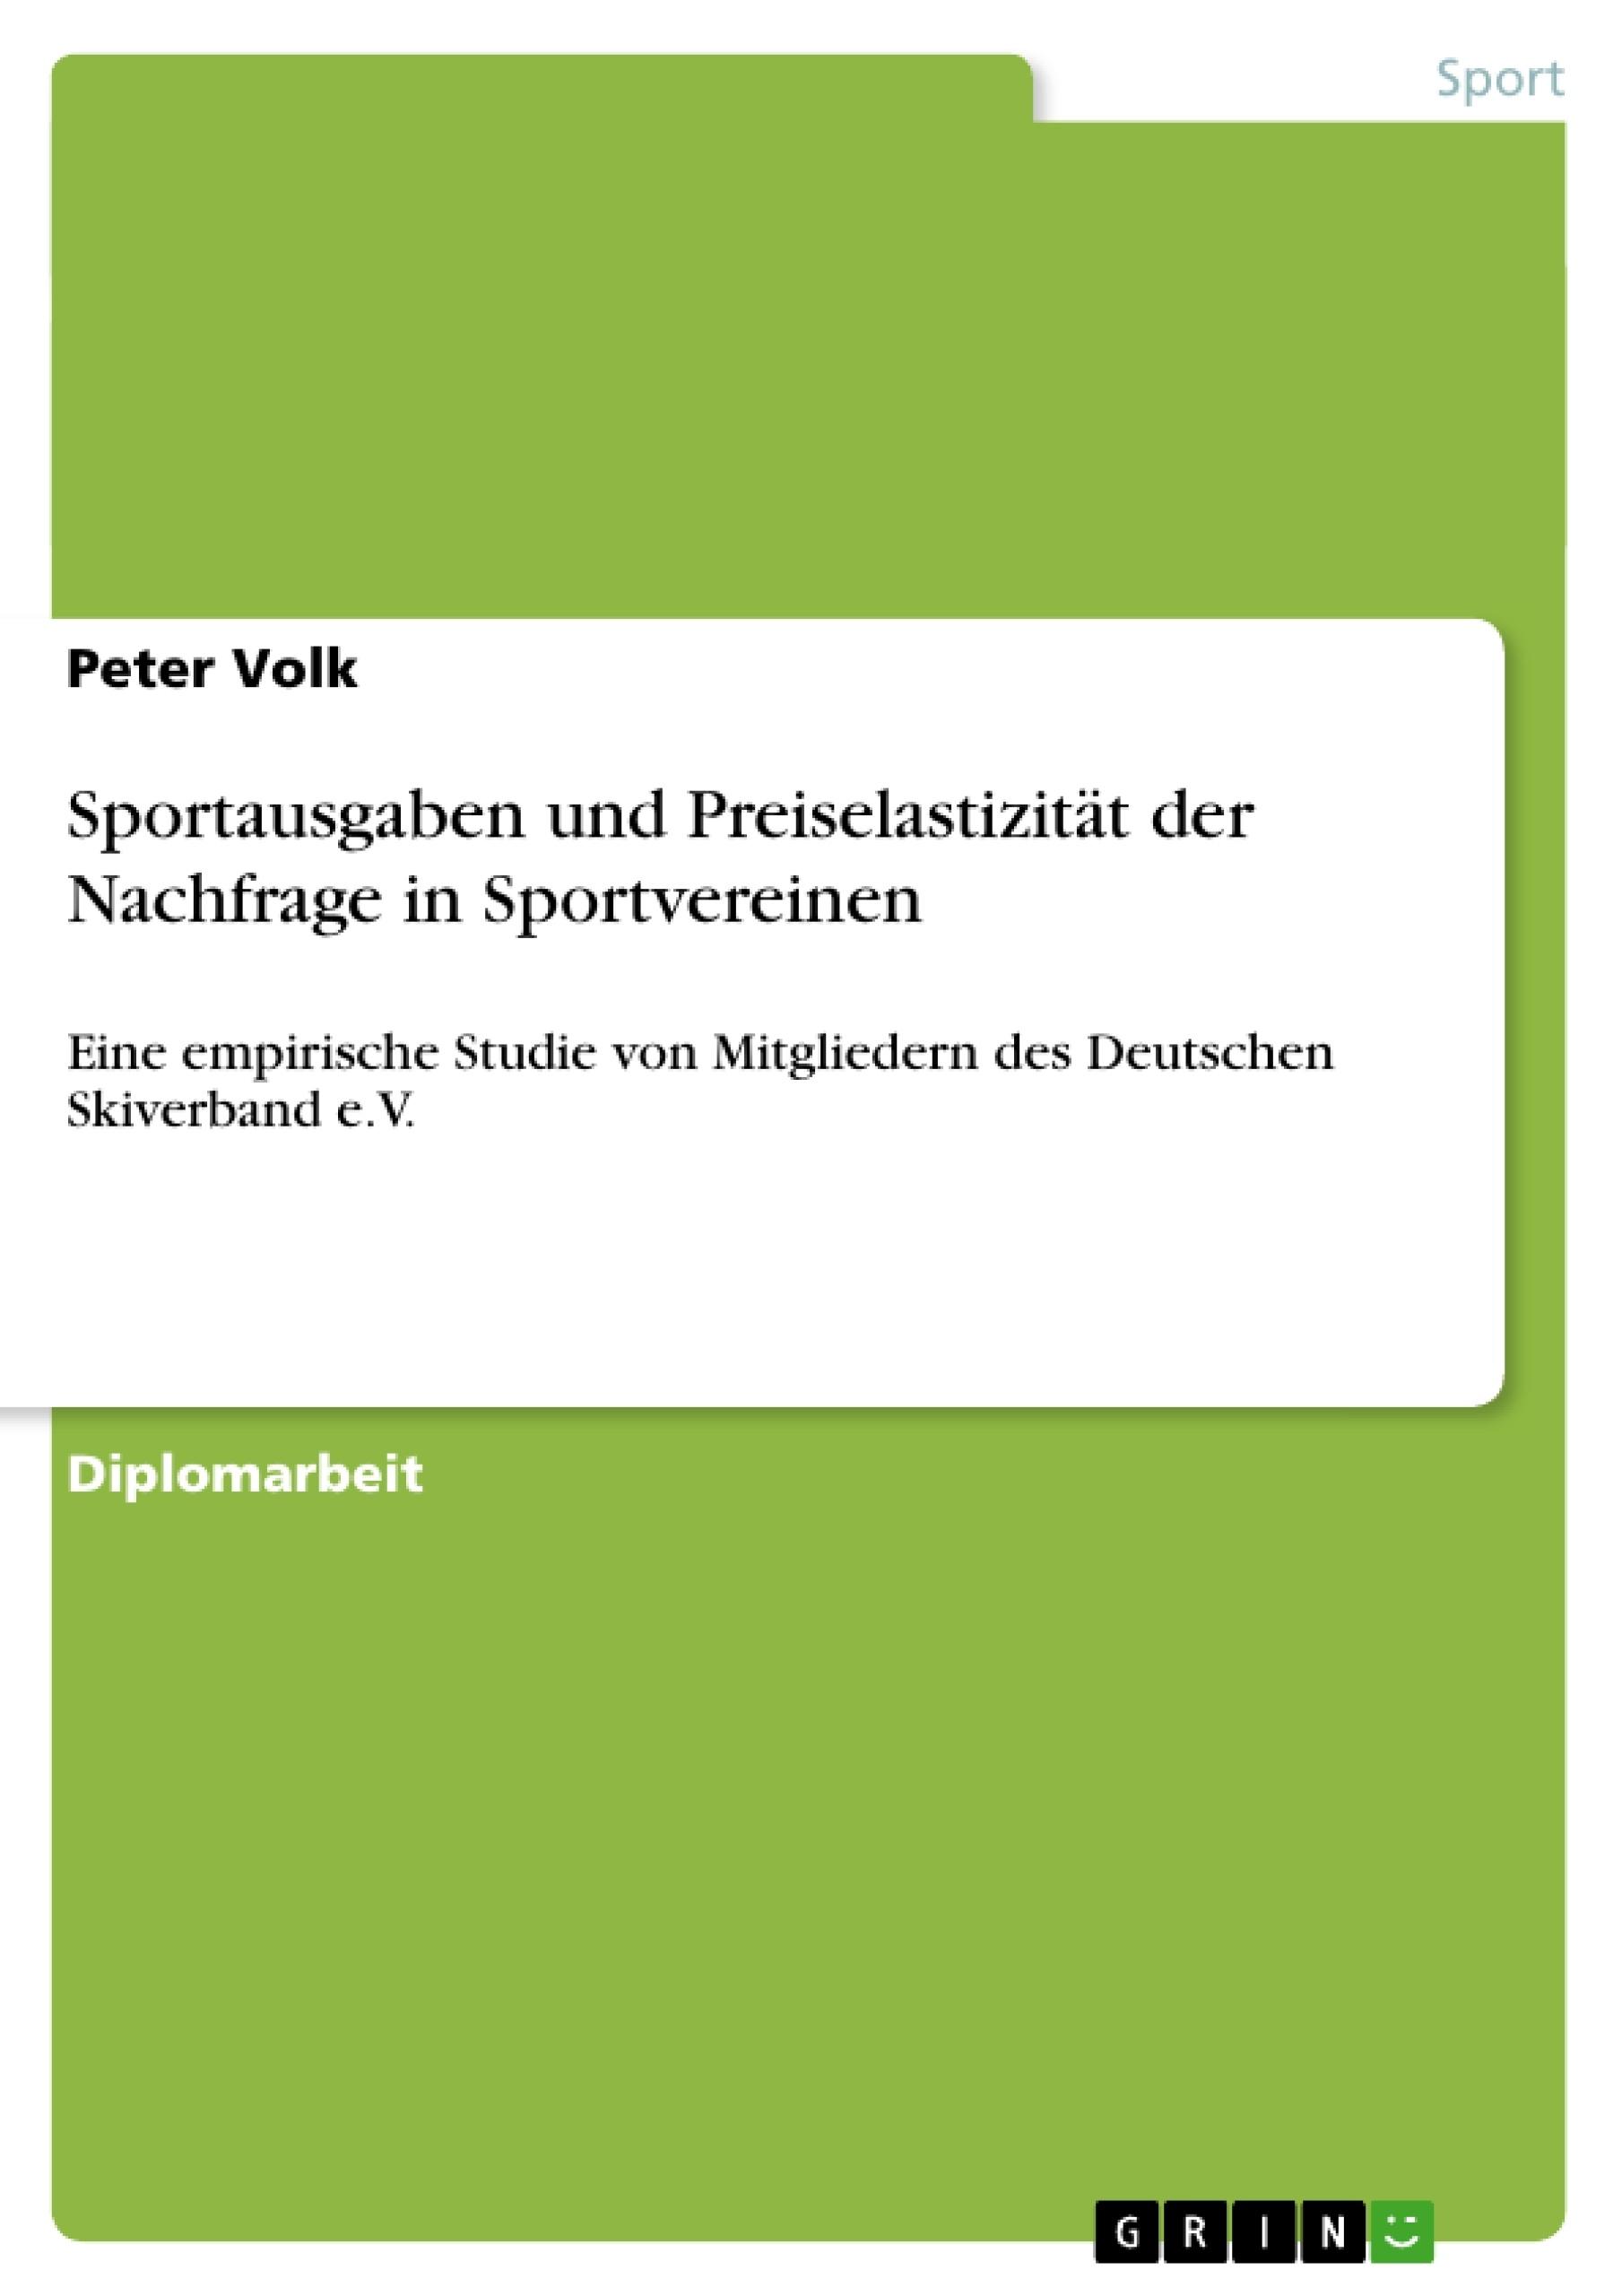 Titel: Sportausgaben und Preiselastizität der Nachfrage in Sportvereinen